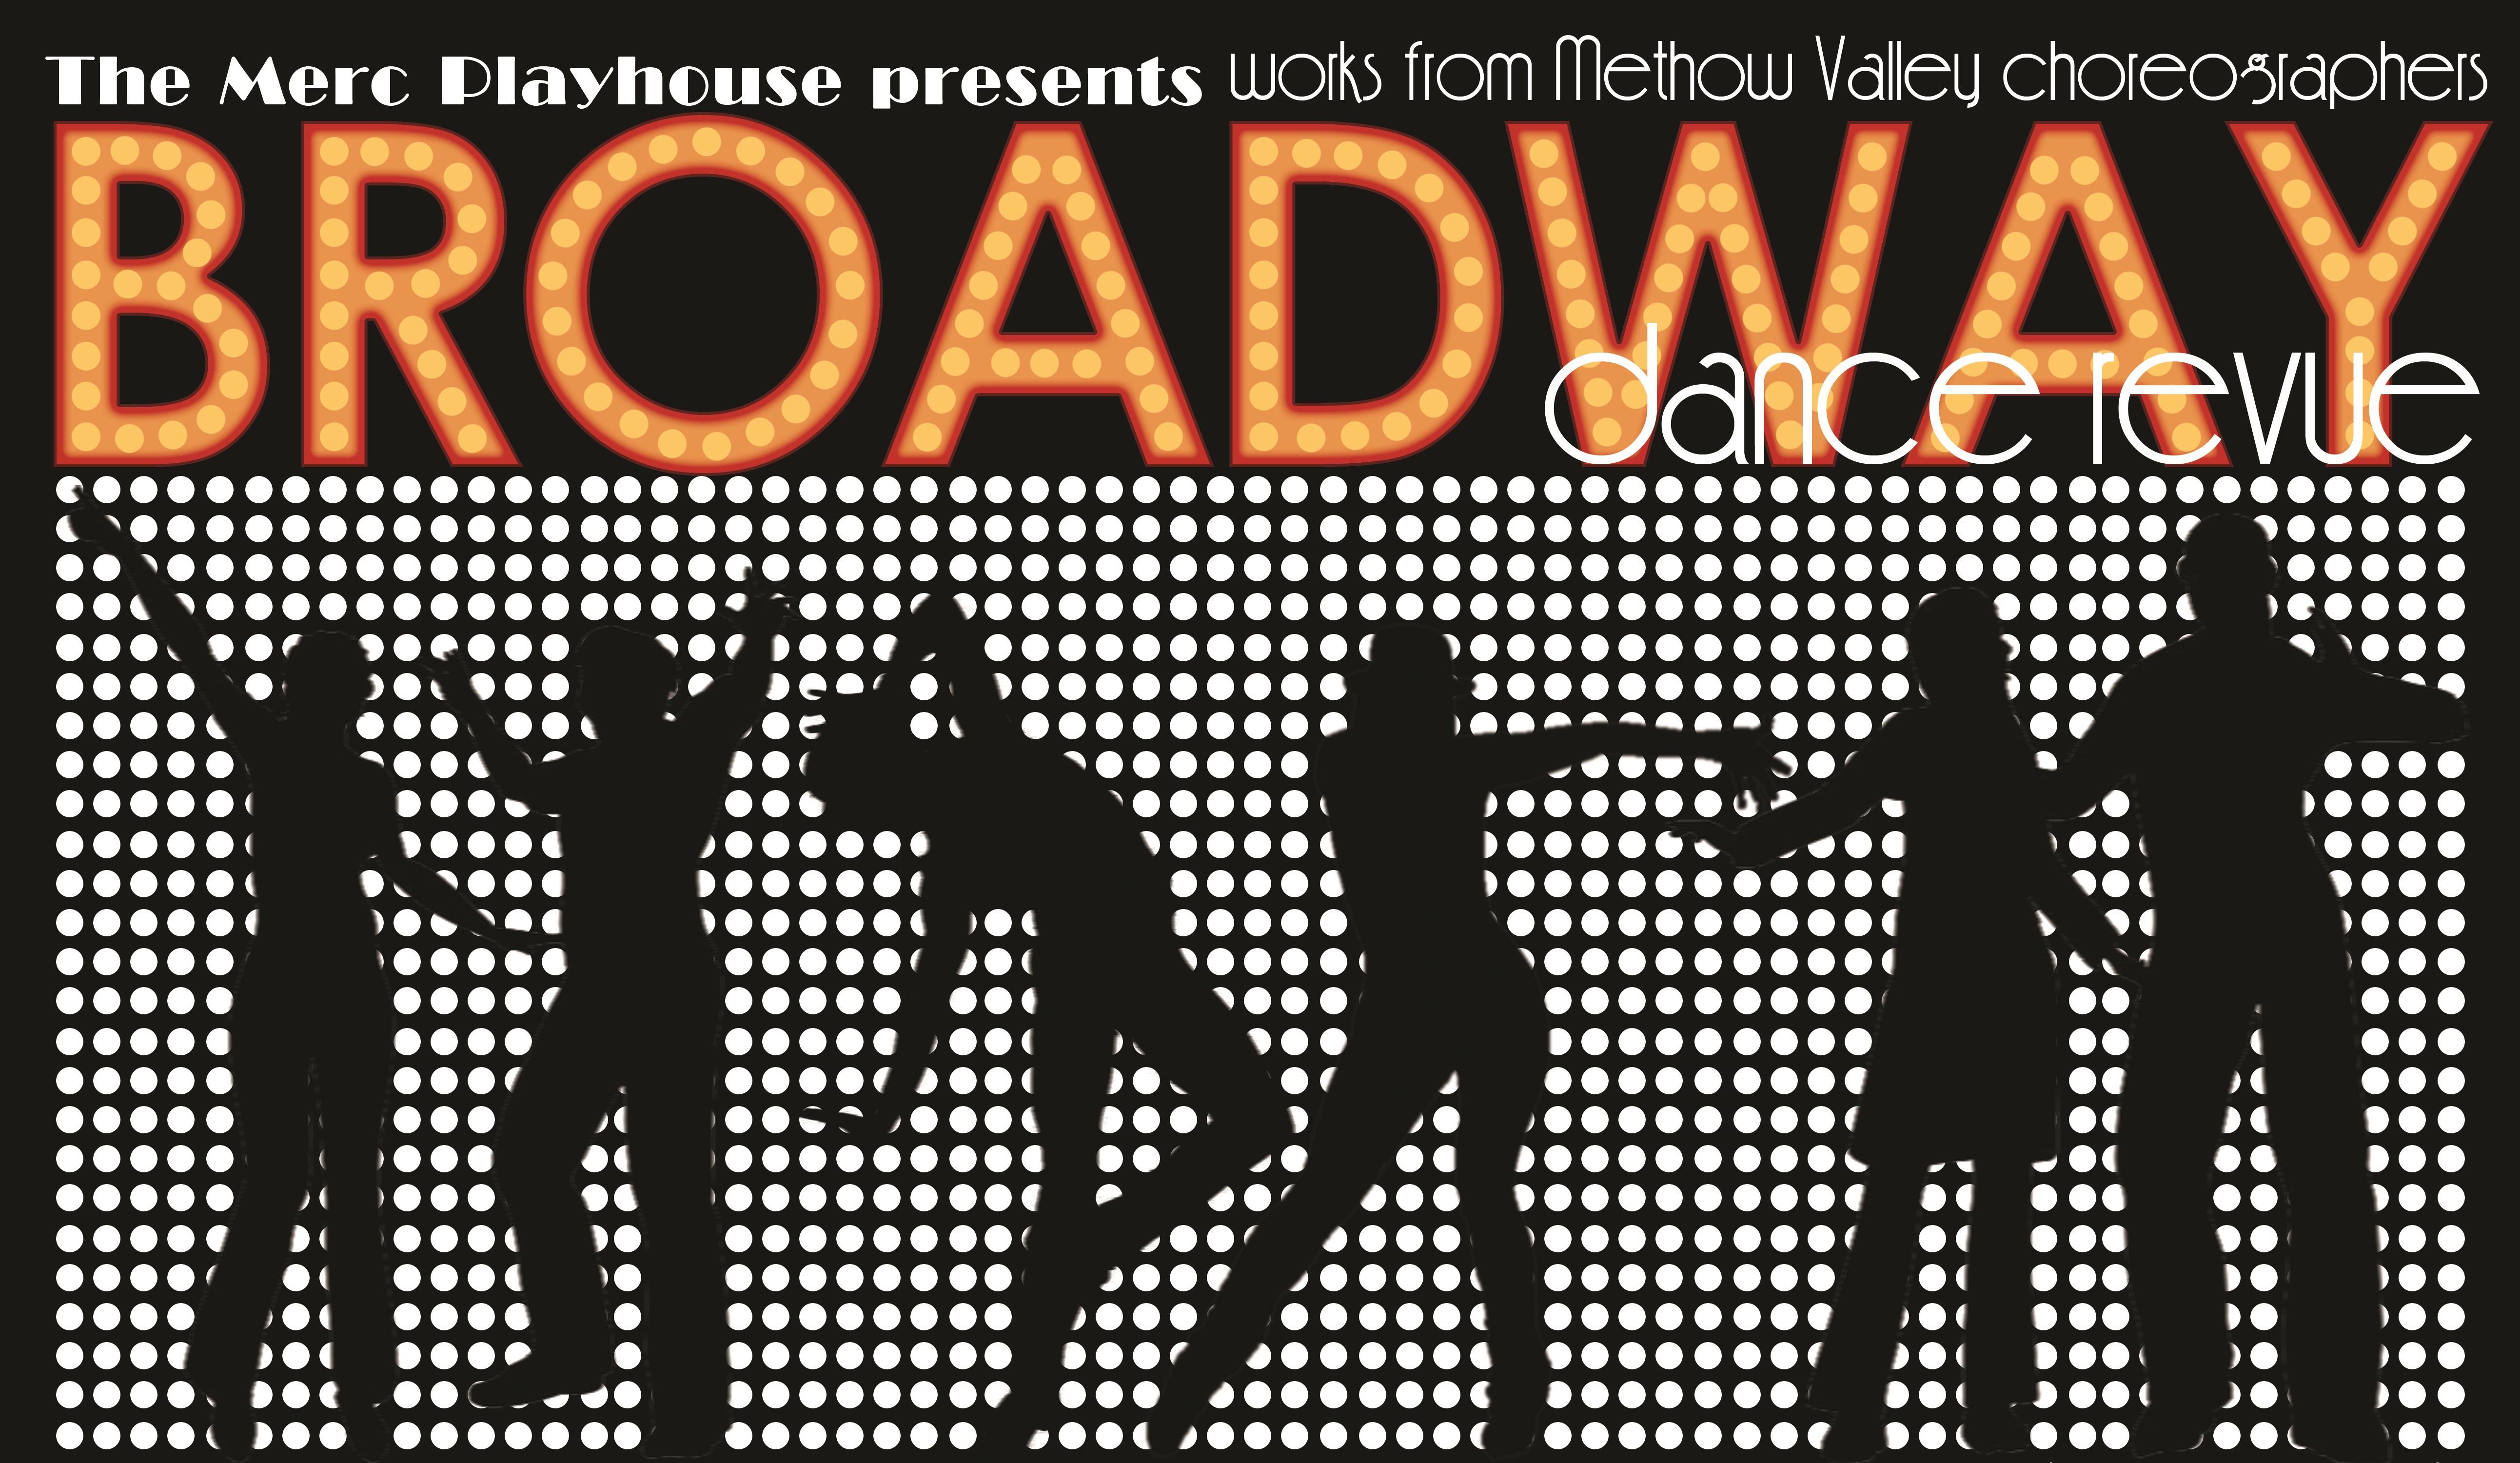 broadway dance revue